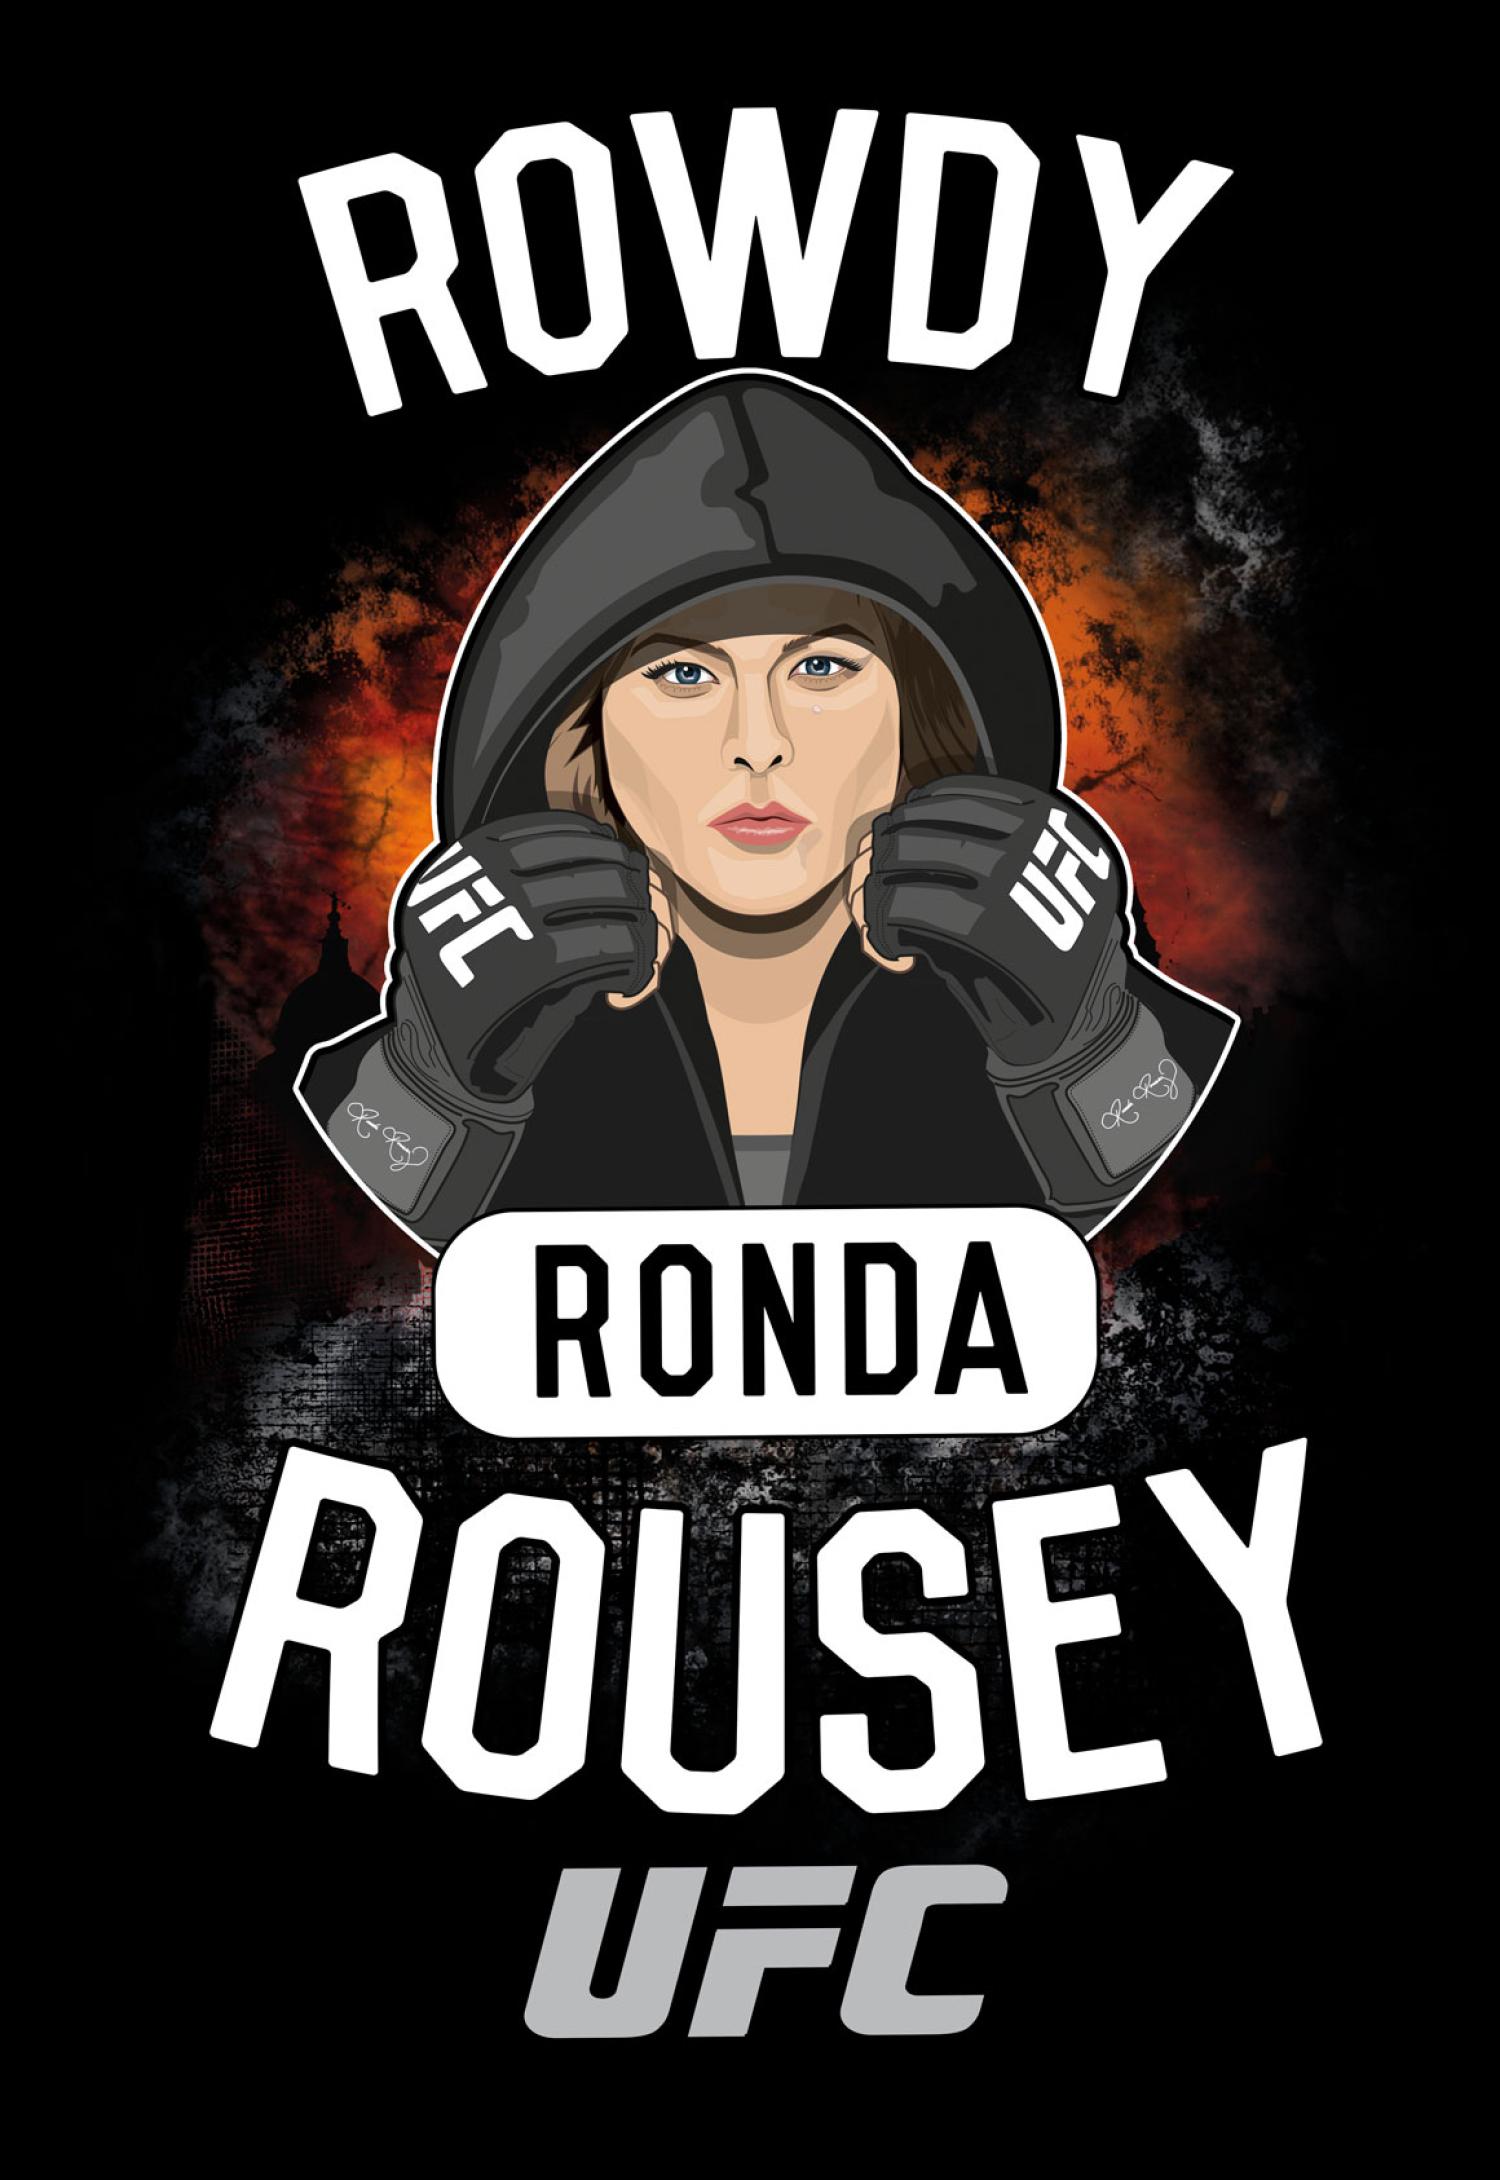 UFC Ronda Rousey MMA Walkout T-Shirt Design